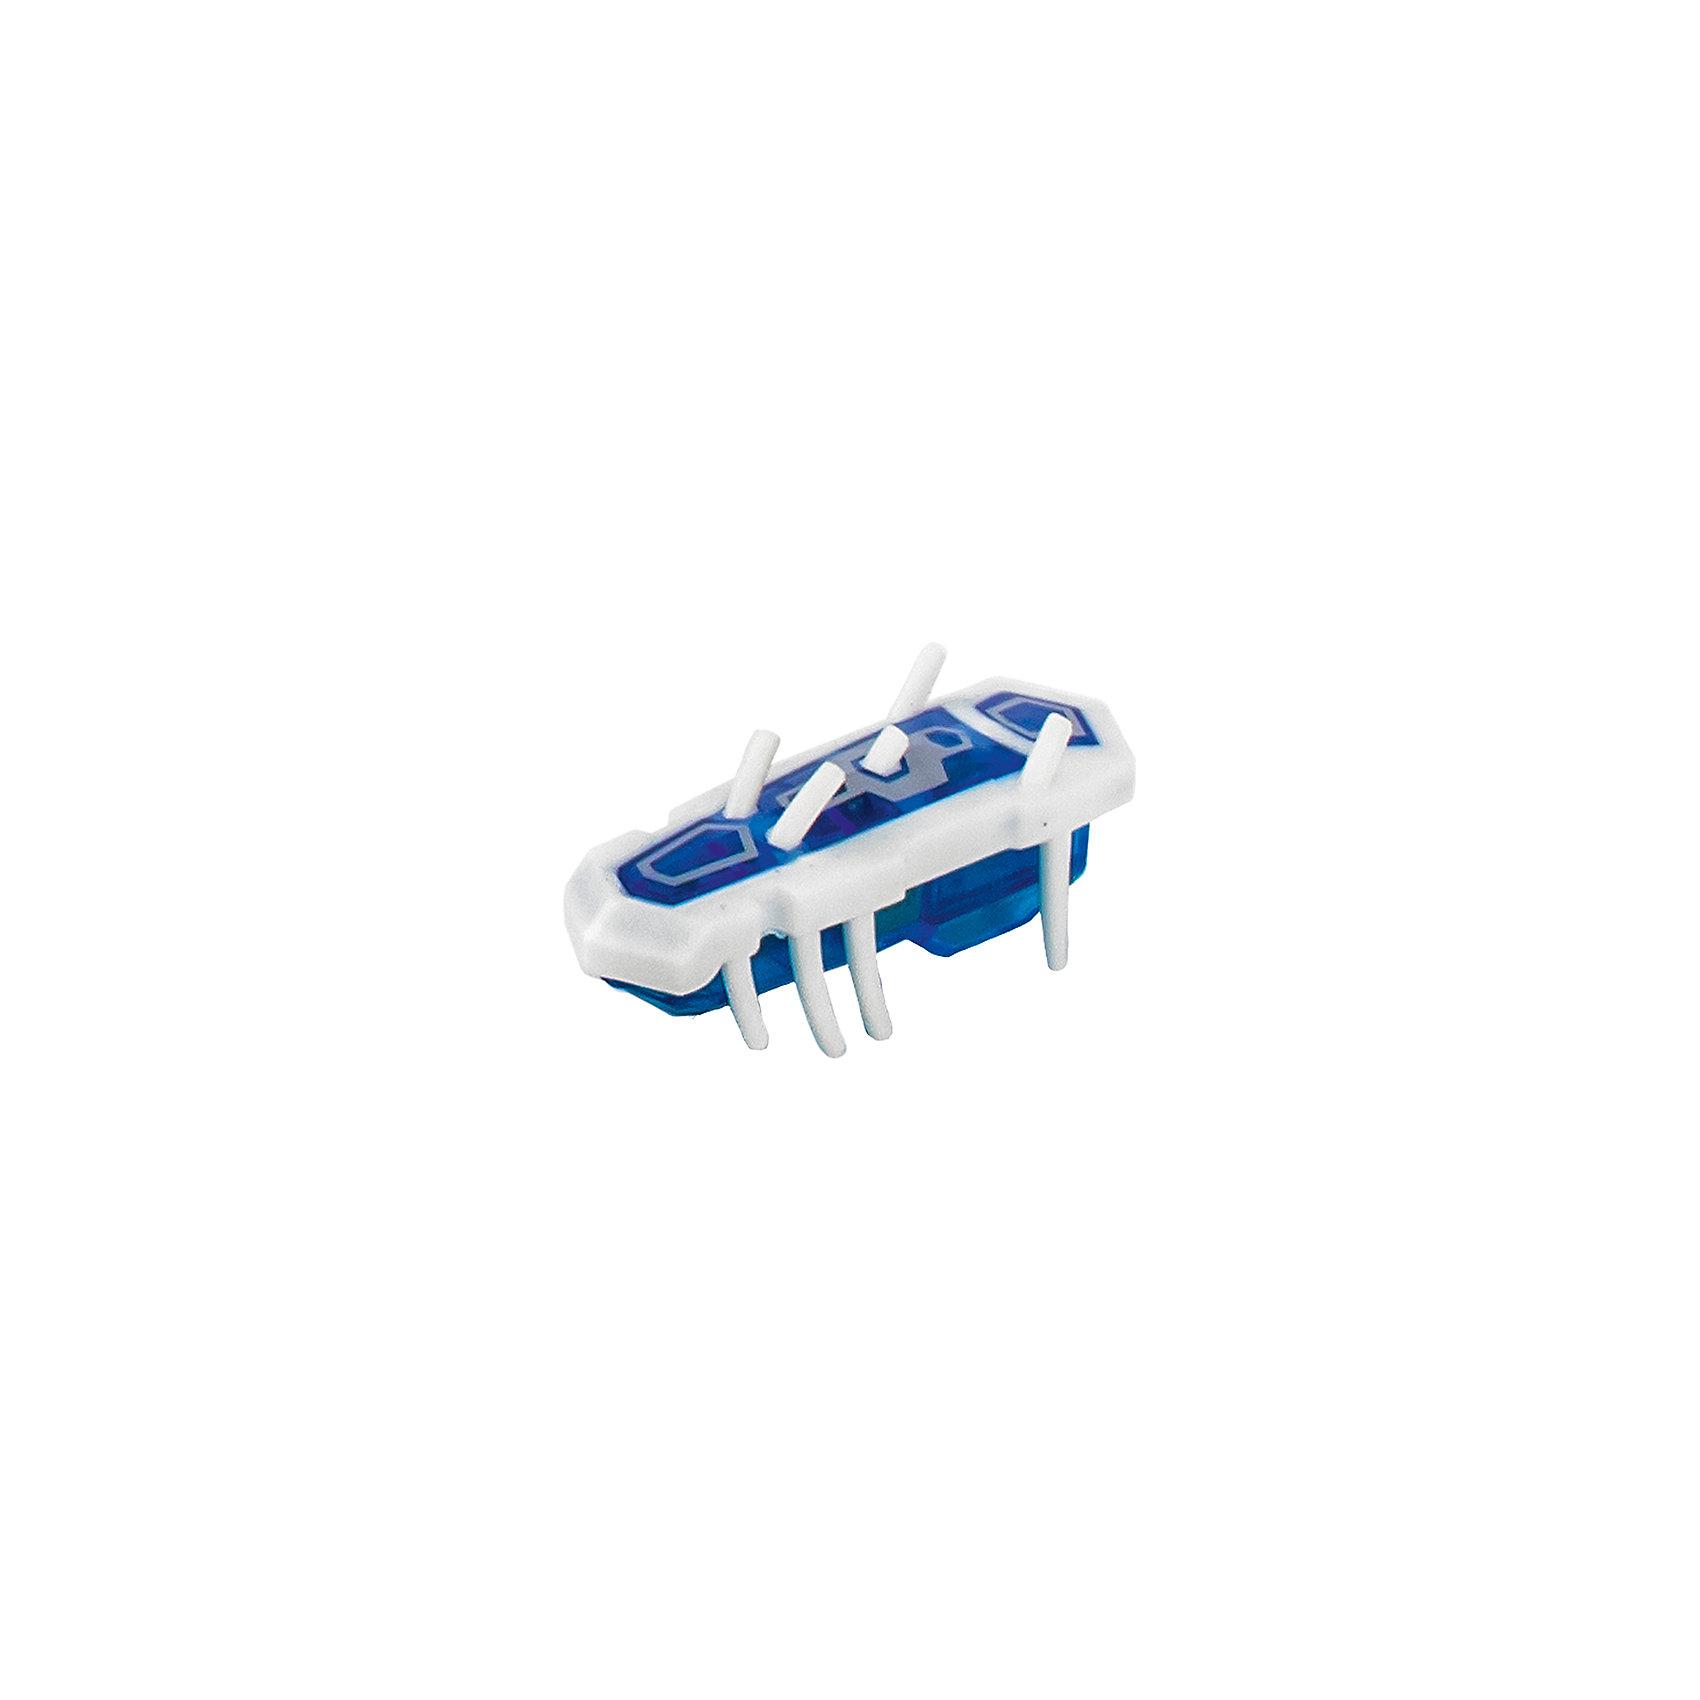 Микро-робот Nano Nitro Single, бело-синий, HexbugИнтерактивные игрушки для малышей<br>Микро-робот Nano Nitro Single, бело-синий, Hexbug (Хексбаг)<br><br>Характеристики:<br><br>• быстро меняет траекторию движения<br>• самостоятельно переворачивается<br>• карабкается наверх<br>• мощный моторчик<br>• устойчив к повреждениям<br>• 8 ножек снизу и 5 сверху<br>• батарейки: AG13 - 1 шт. (входит в комплект)<br>• размер: 1,4х2х4,2 см<br>• вес: 8 грамм<br>• цвет: бело-синий<br>• материал: пластик<br>• размер упаковки: 13х5х3 см<br>• вес: 65 грамм<br><br>Микро-робот Nano Nitro Single очень напоминает настоящего жучка. Он также быстро бегает, меняет траекторию движения и даже самостоятельно переворачивается в случае падения. Благодаря усовершенствованному моторчику жучок способен карабкаться наверх по специальным трубочкам. Игрушка подходит для старых и новых моделей нанодромов Hexbug.<br><br>Микро-робота Nano Nitro Single, бело-синий, Hexbug (Хексбаг) вы можете купить в нашем интернет-магазине.<br><br>Ширина мм: 9999<br>Глубина мм: 9999<br>Высота мм: 9999<br>Вес г: 9999<br>Возраст от месяцев: 36<br>Возраст до месяцев: 2147483647<br>Пол: Унисекс<br>Возраст: Детский<br>SKU: 5507228